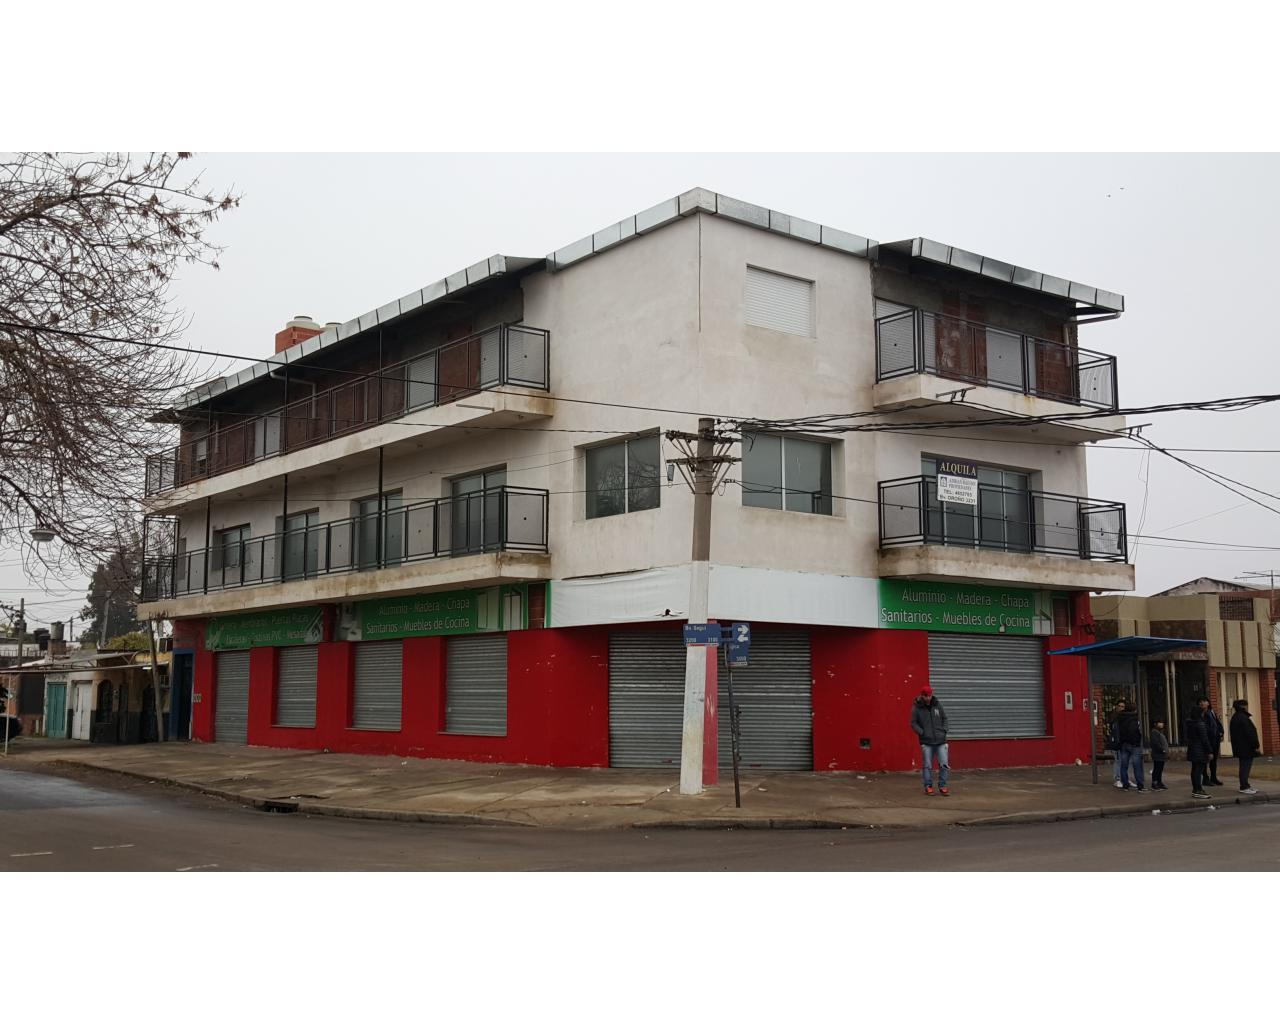 Alquiler de Casa en Rosario, Rosario | Goplaceit